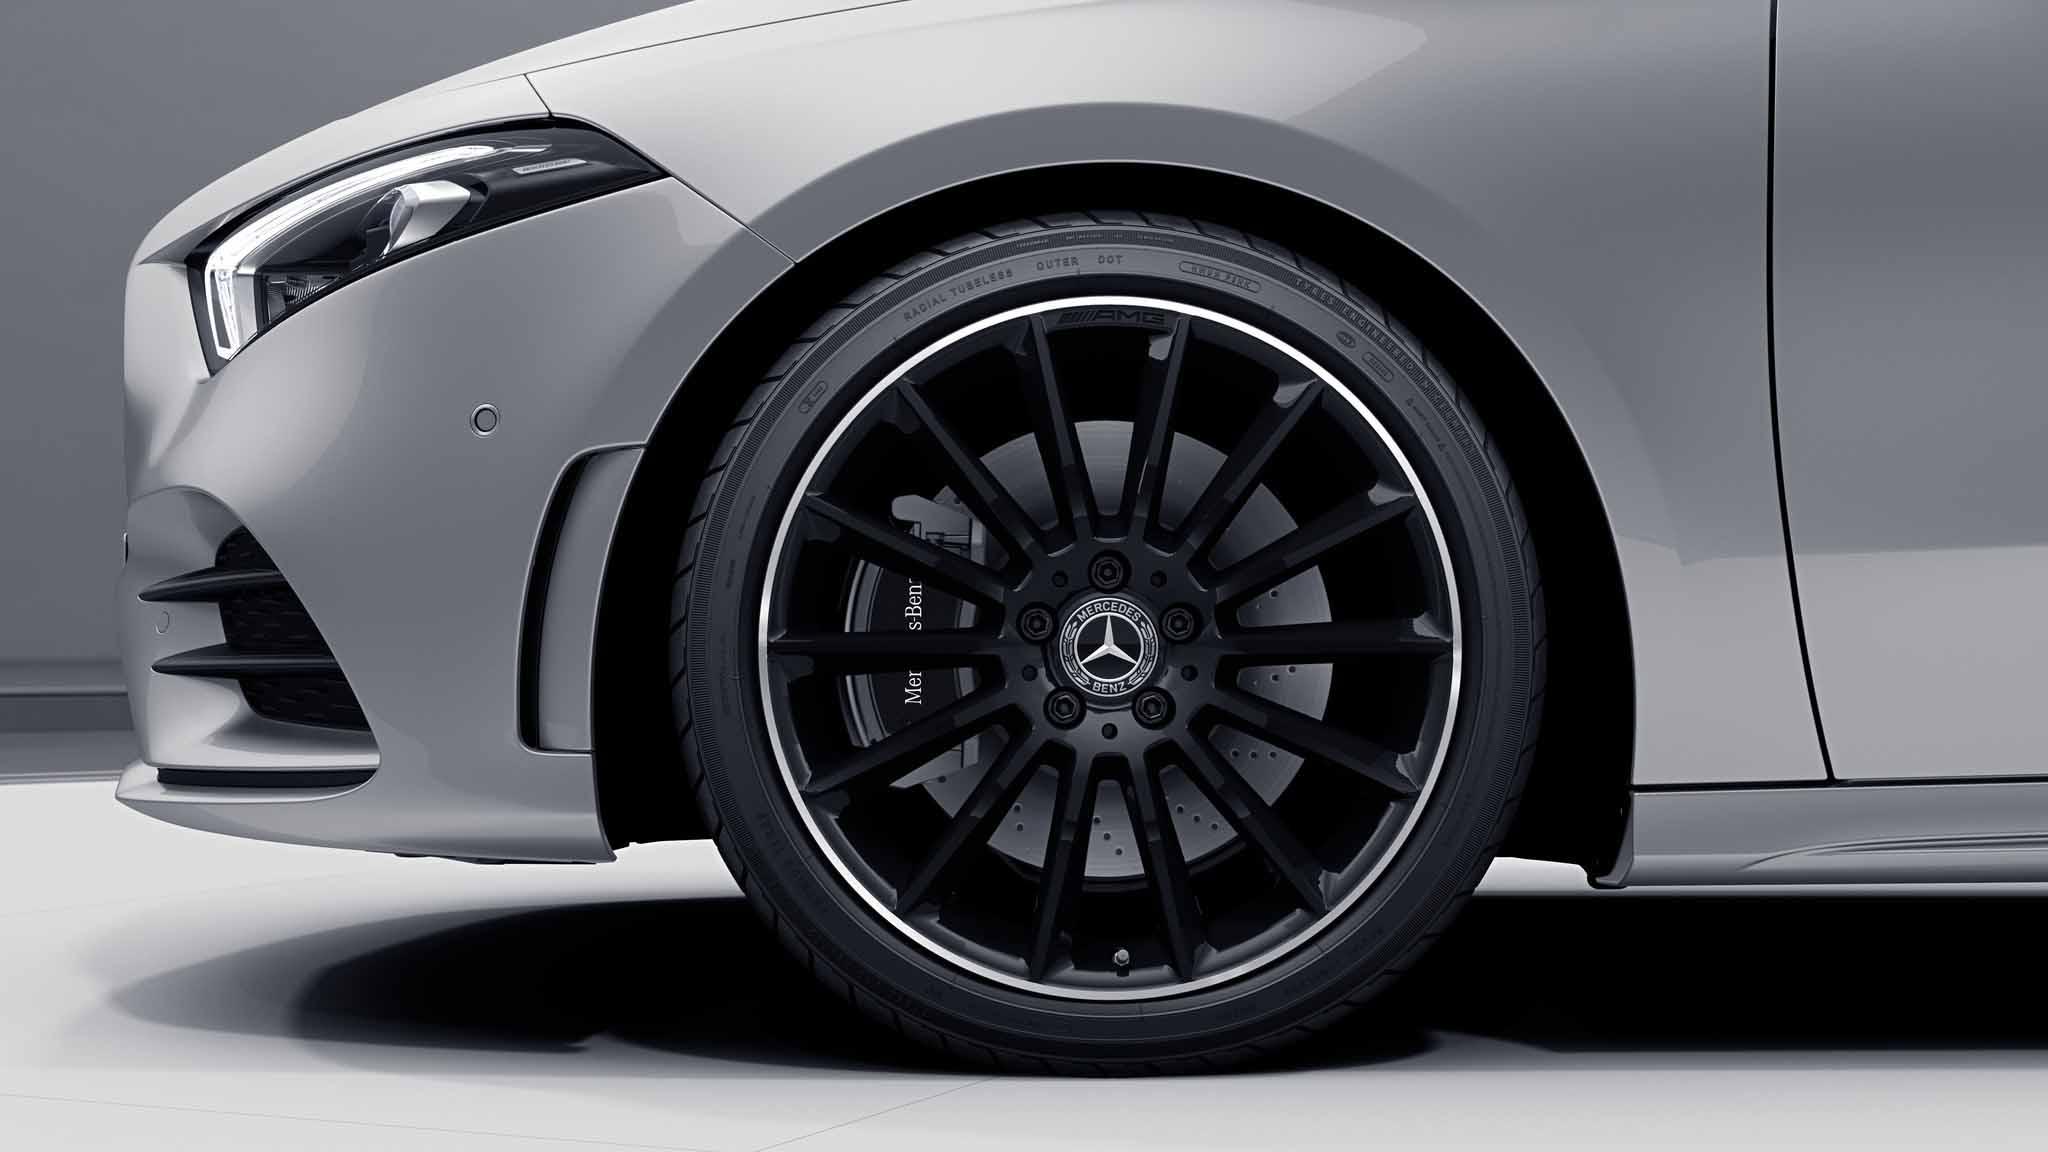 """Jantes AMG 19"""" multibranches noires de la Mercedes-Benz Classe A Berline"""